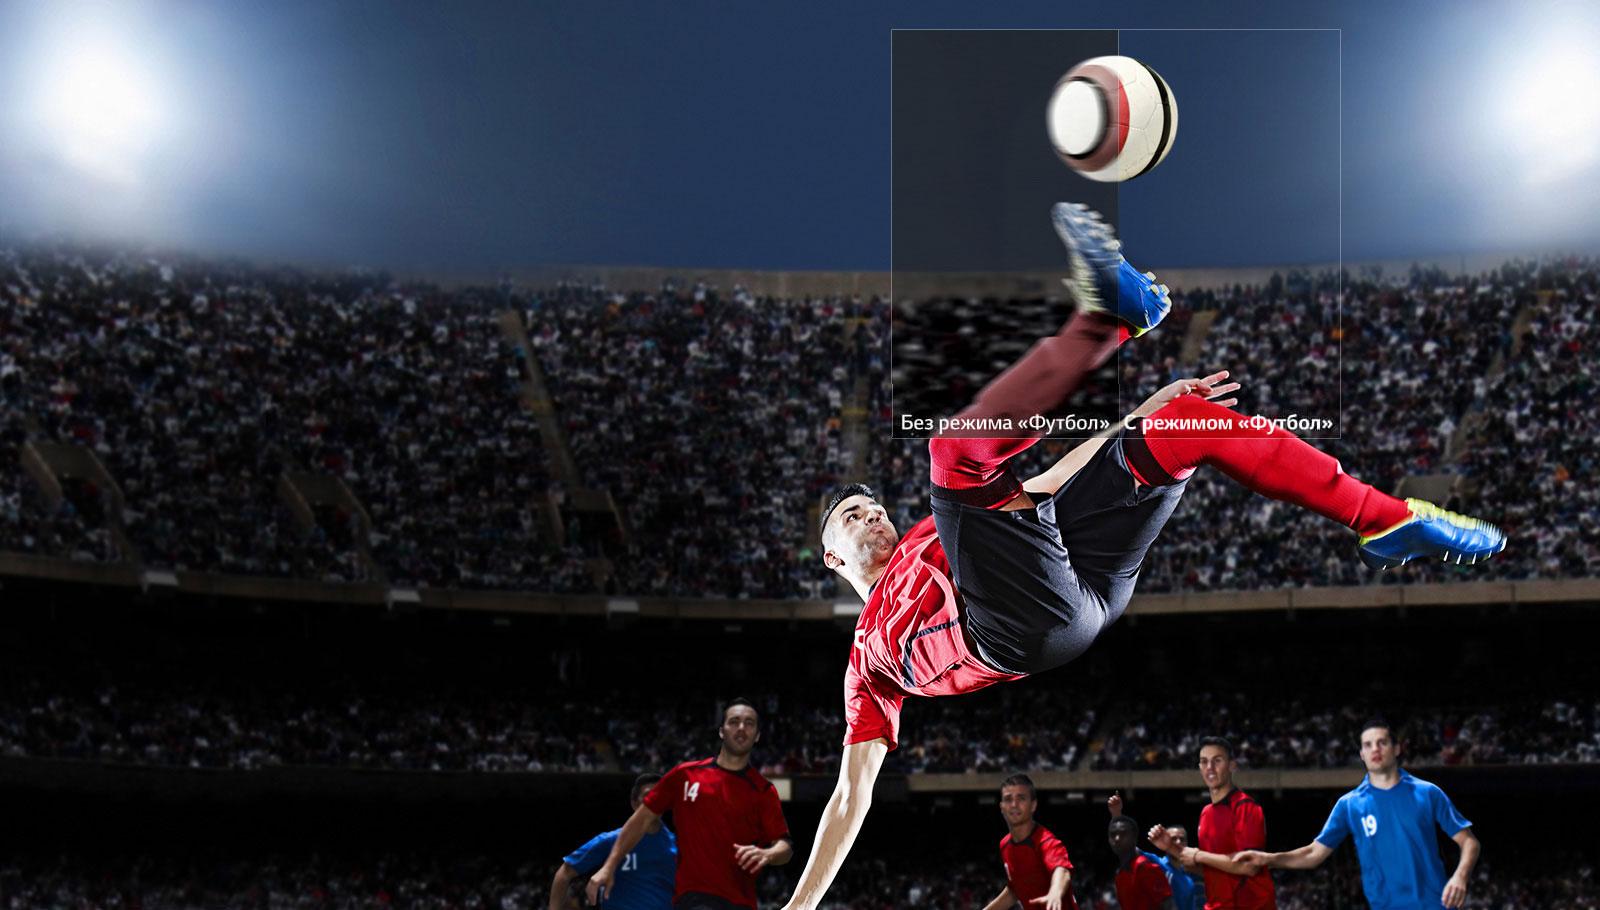 03_SK79_A_Football_Mode_D.jpg